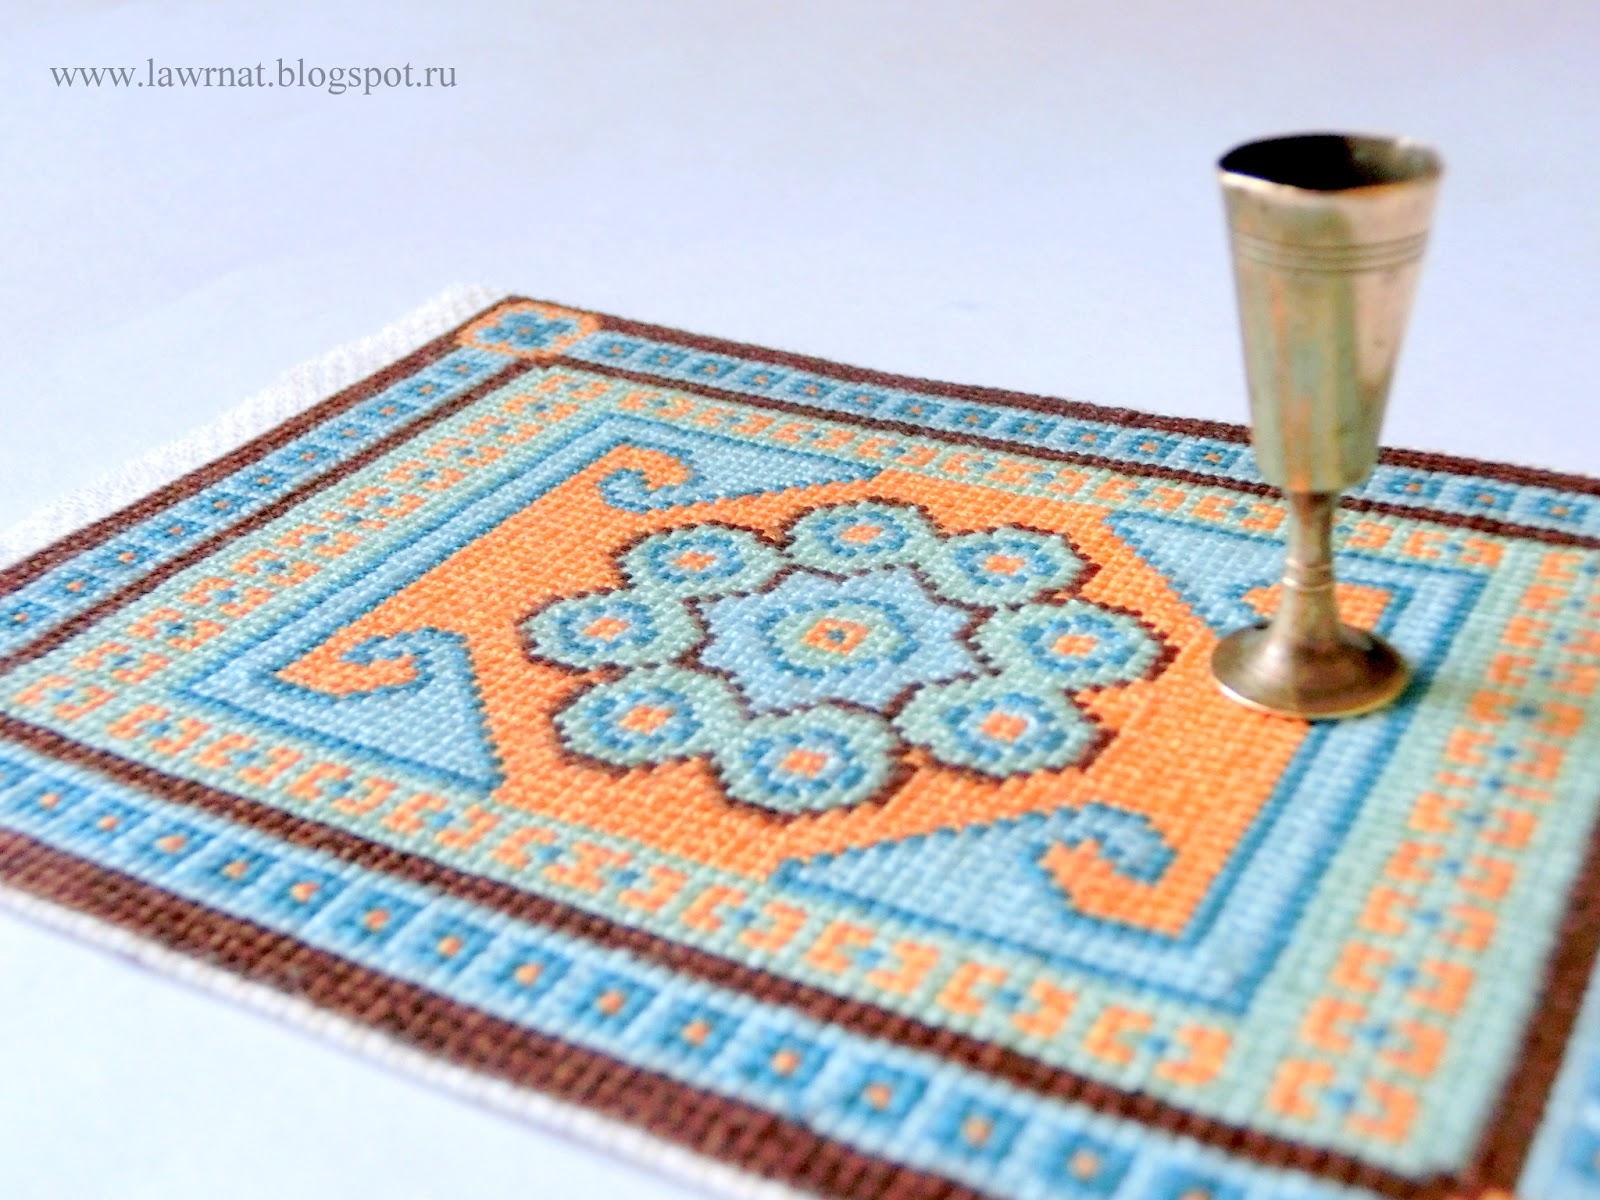 вышитые ковры